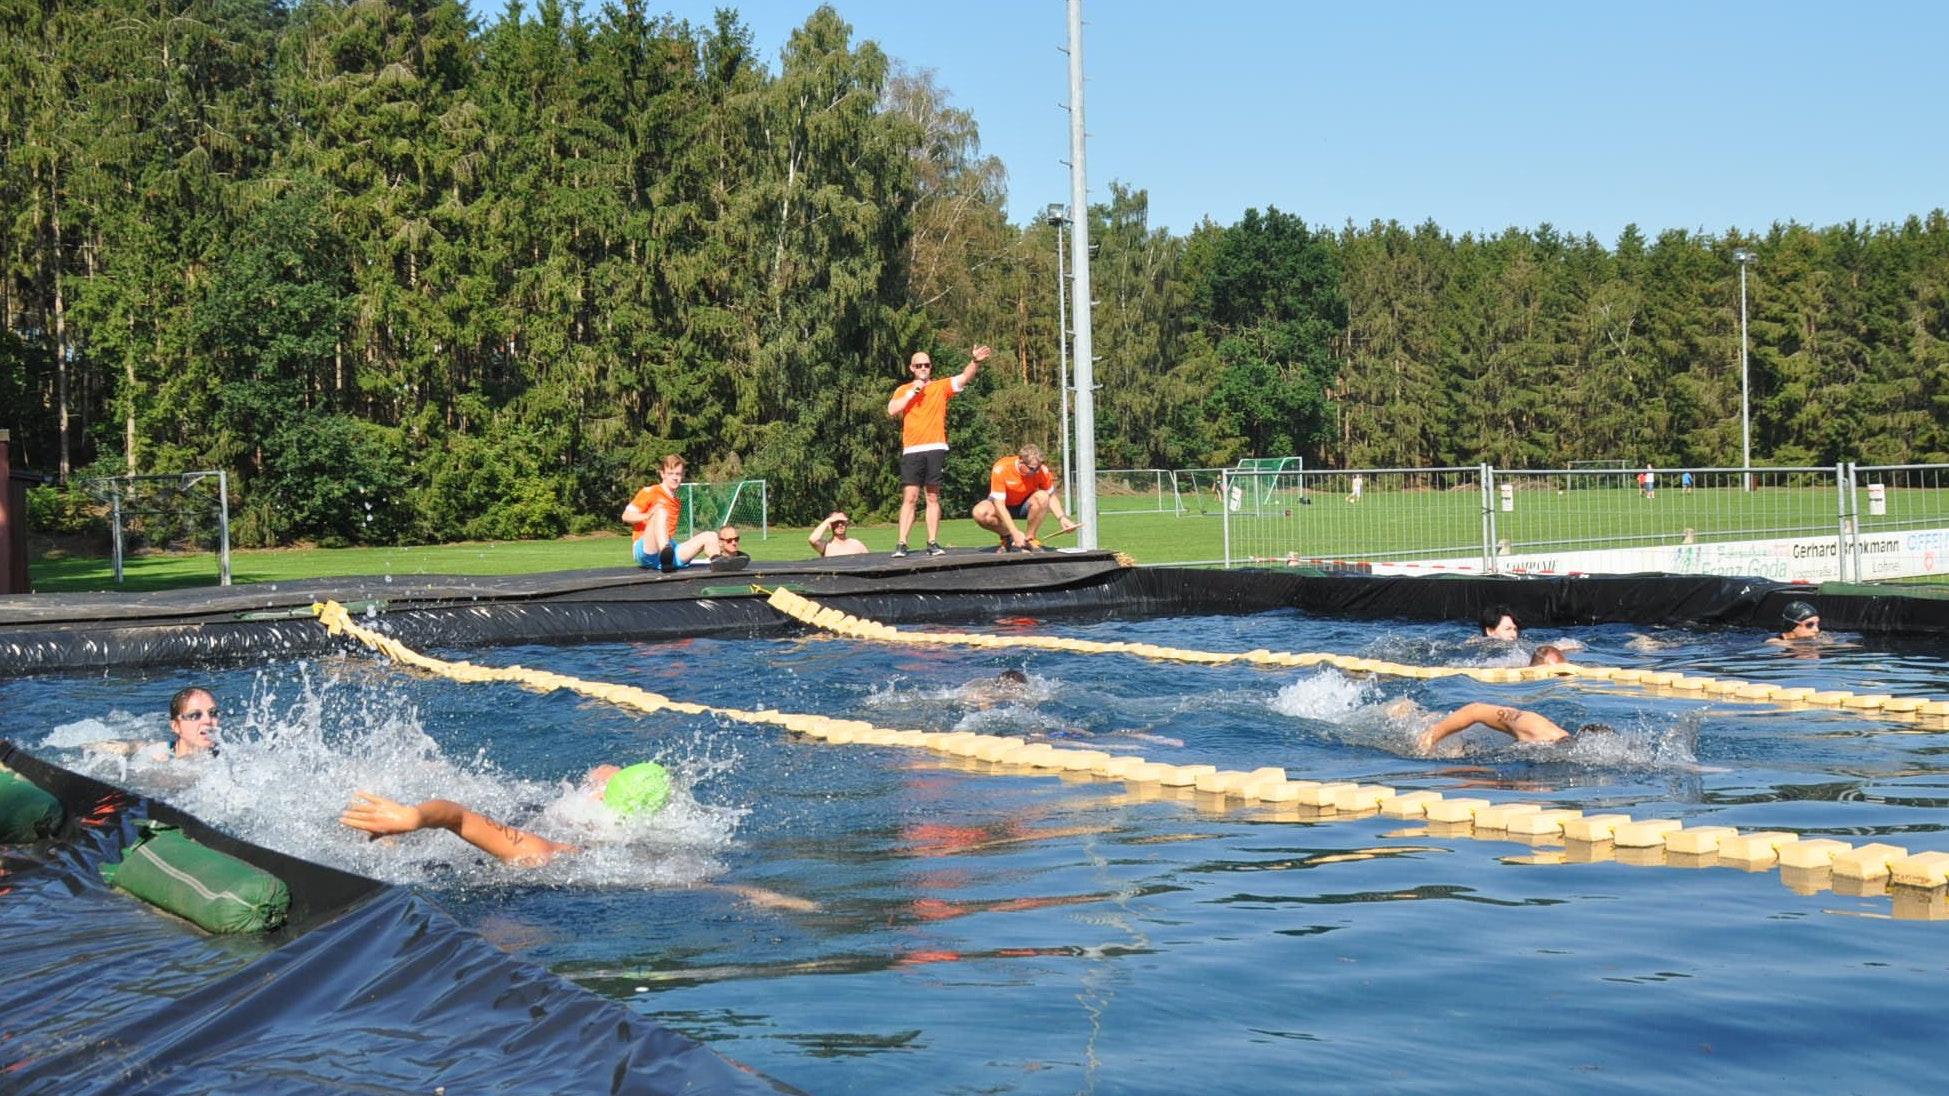 Spektakel auf dem Sportplatz: Das 12 x 30 Meter große Strohbecken ist das Herzstück des Kroger Triathlons. Hier muss jeder Starter 300 Meter zurücklegen. Kurzentschlossene können sich noch am Samstag anmelden. Foto: Andrea Kuchenbuch